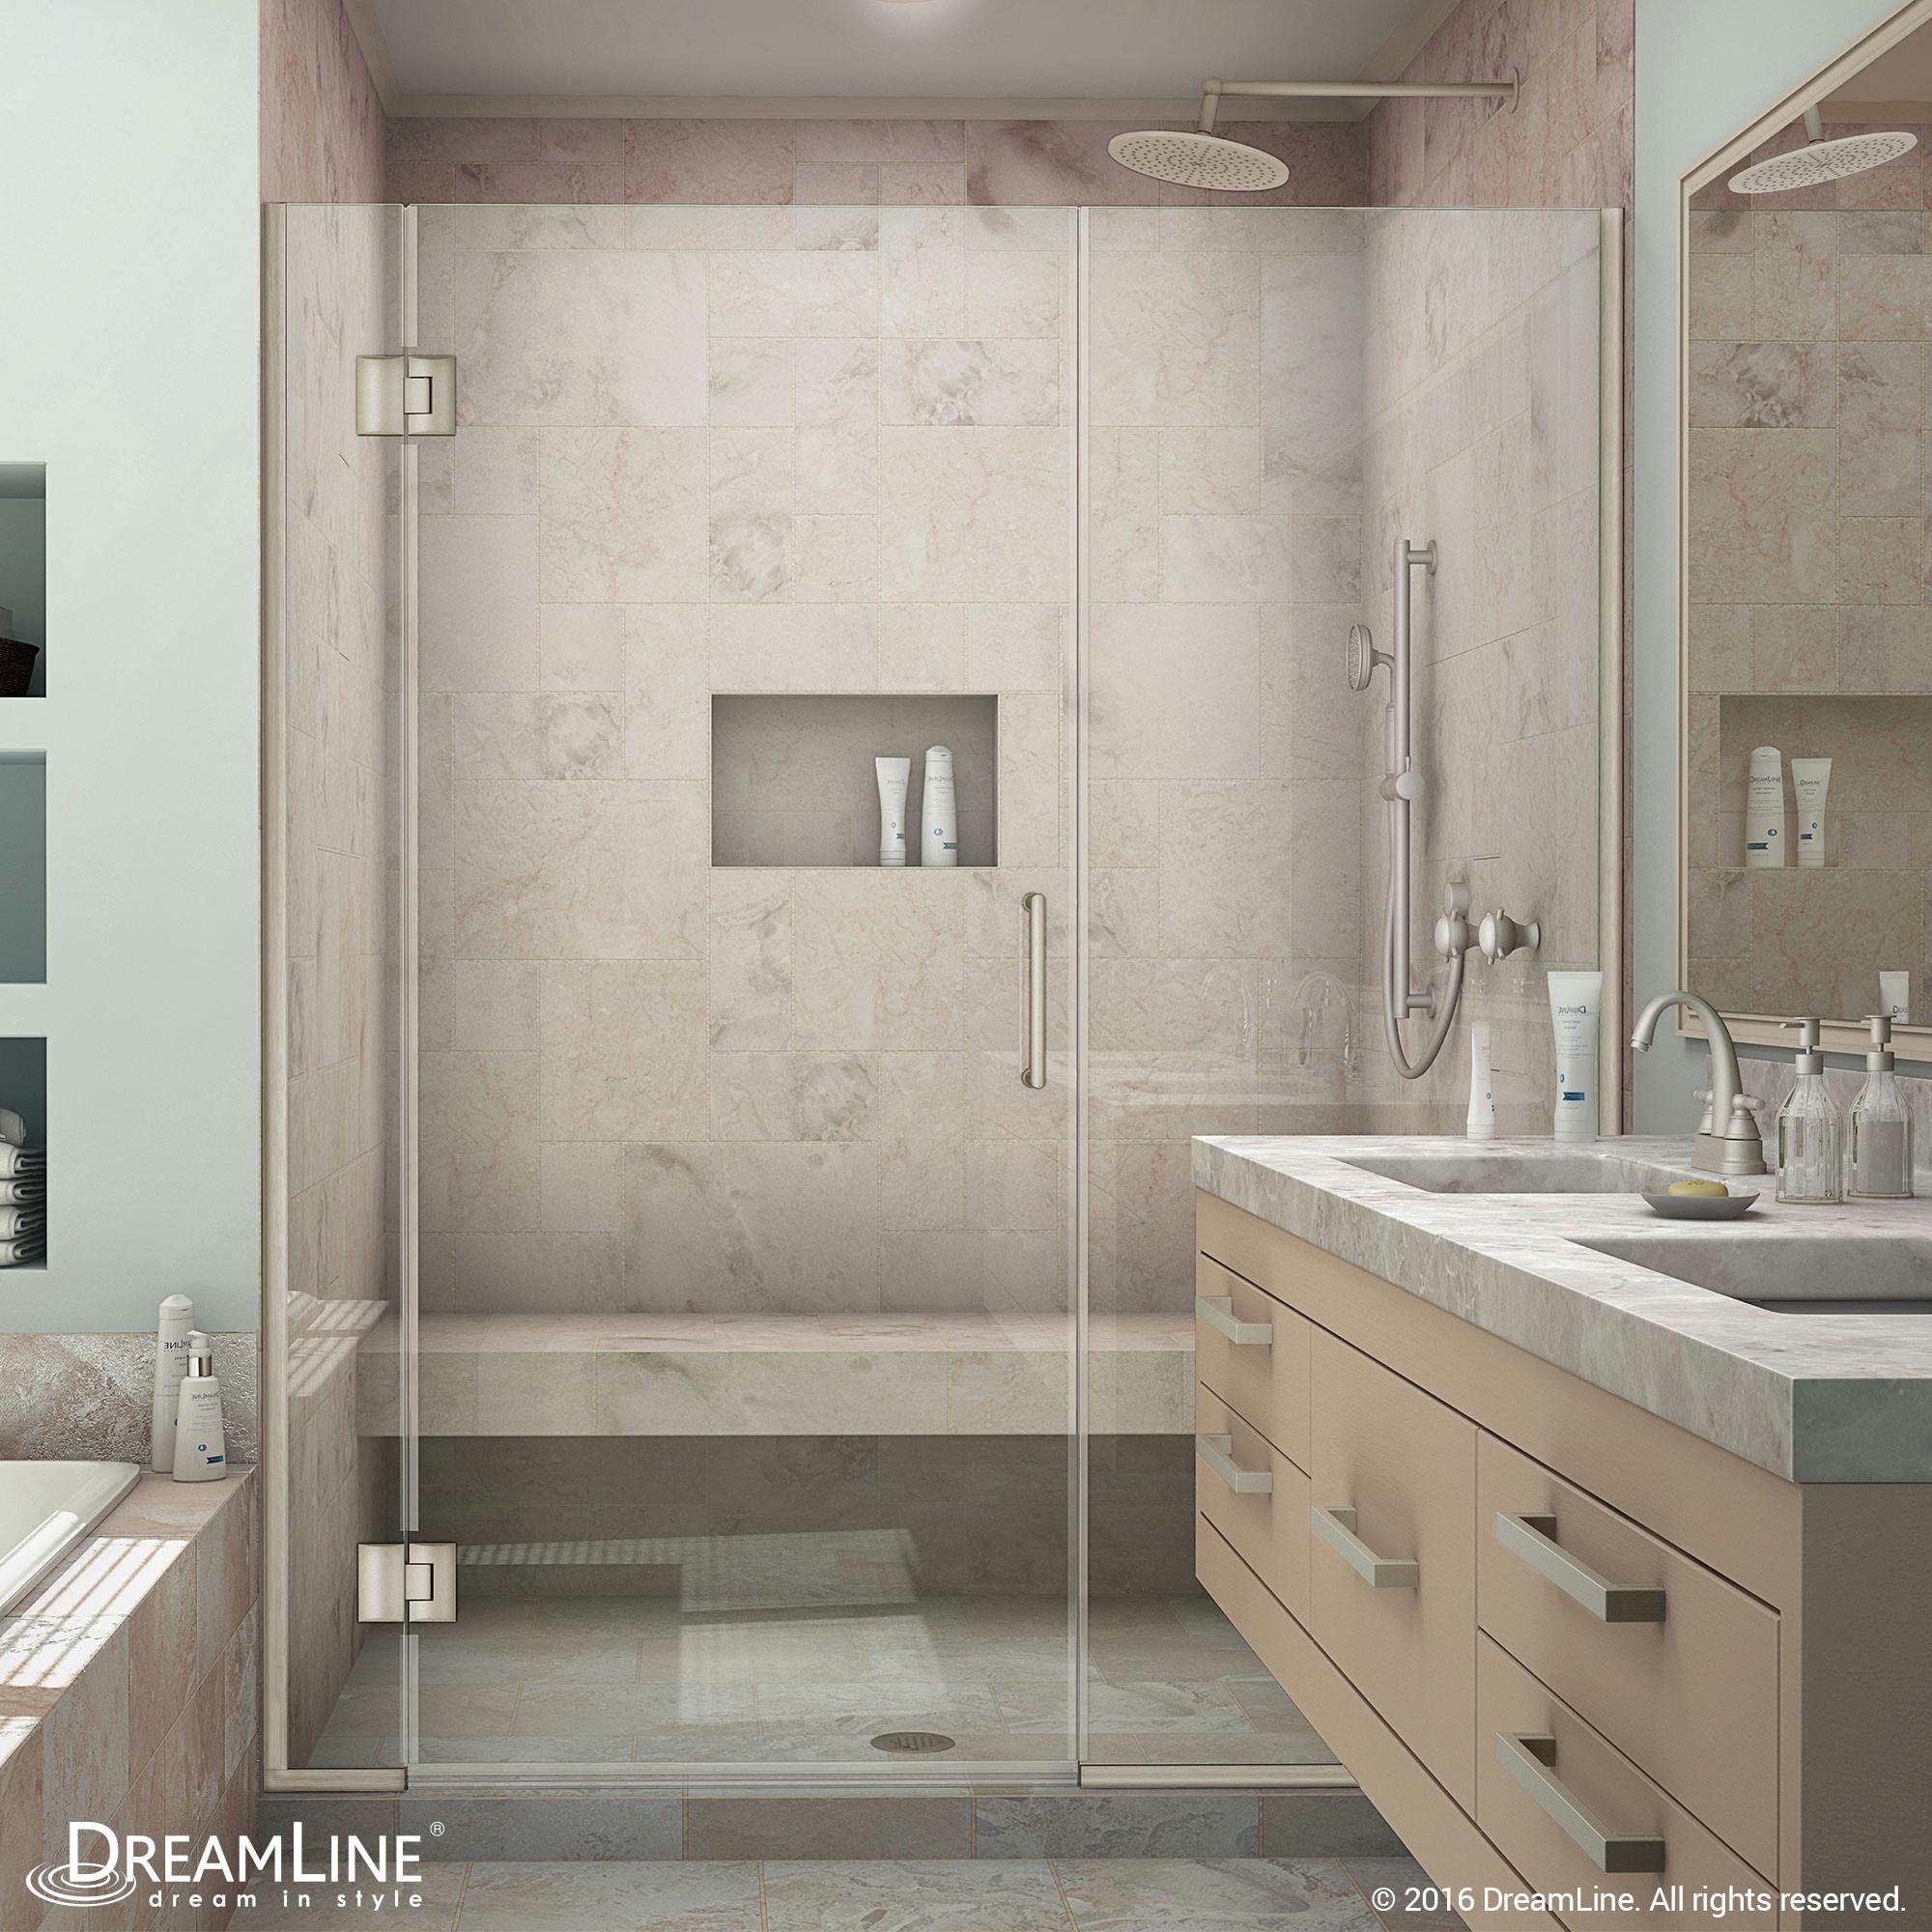 DreamLine D1272272-04 Brushed Nickel Unidoor-X 55 - 55 1/2 in. W x 72 in. H Hinged Shower Door